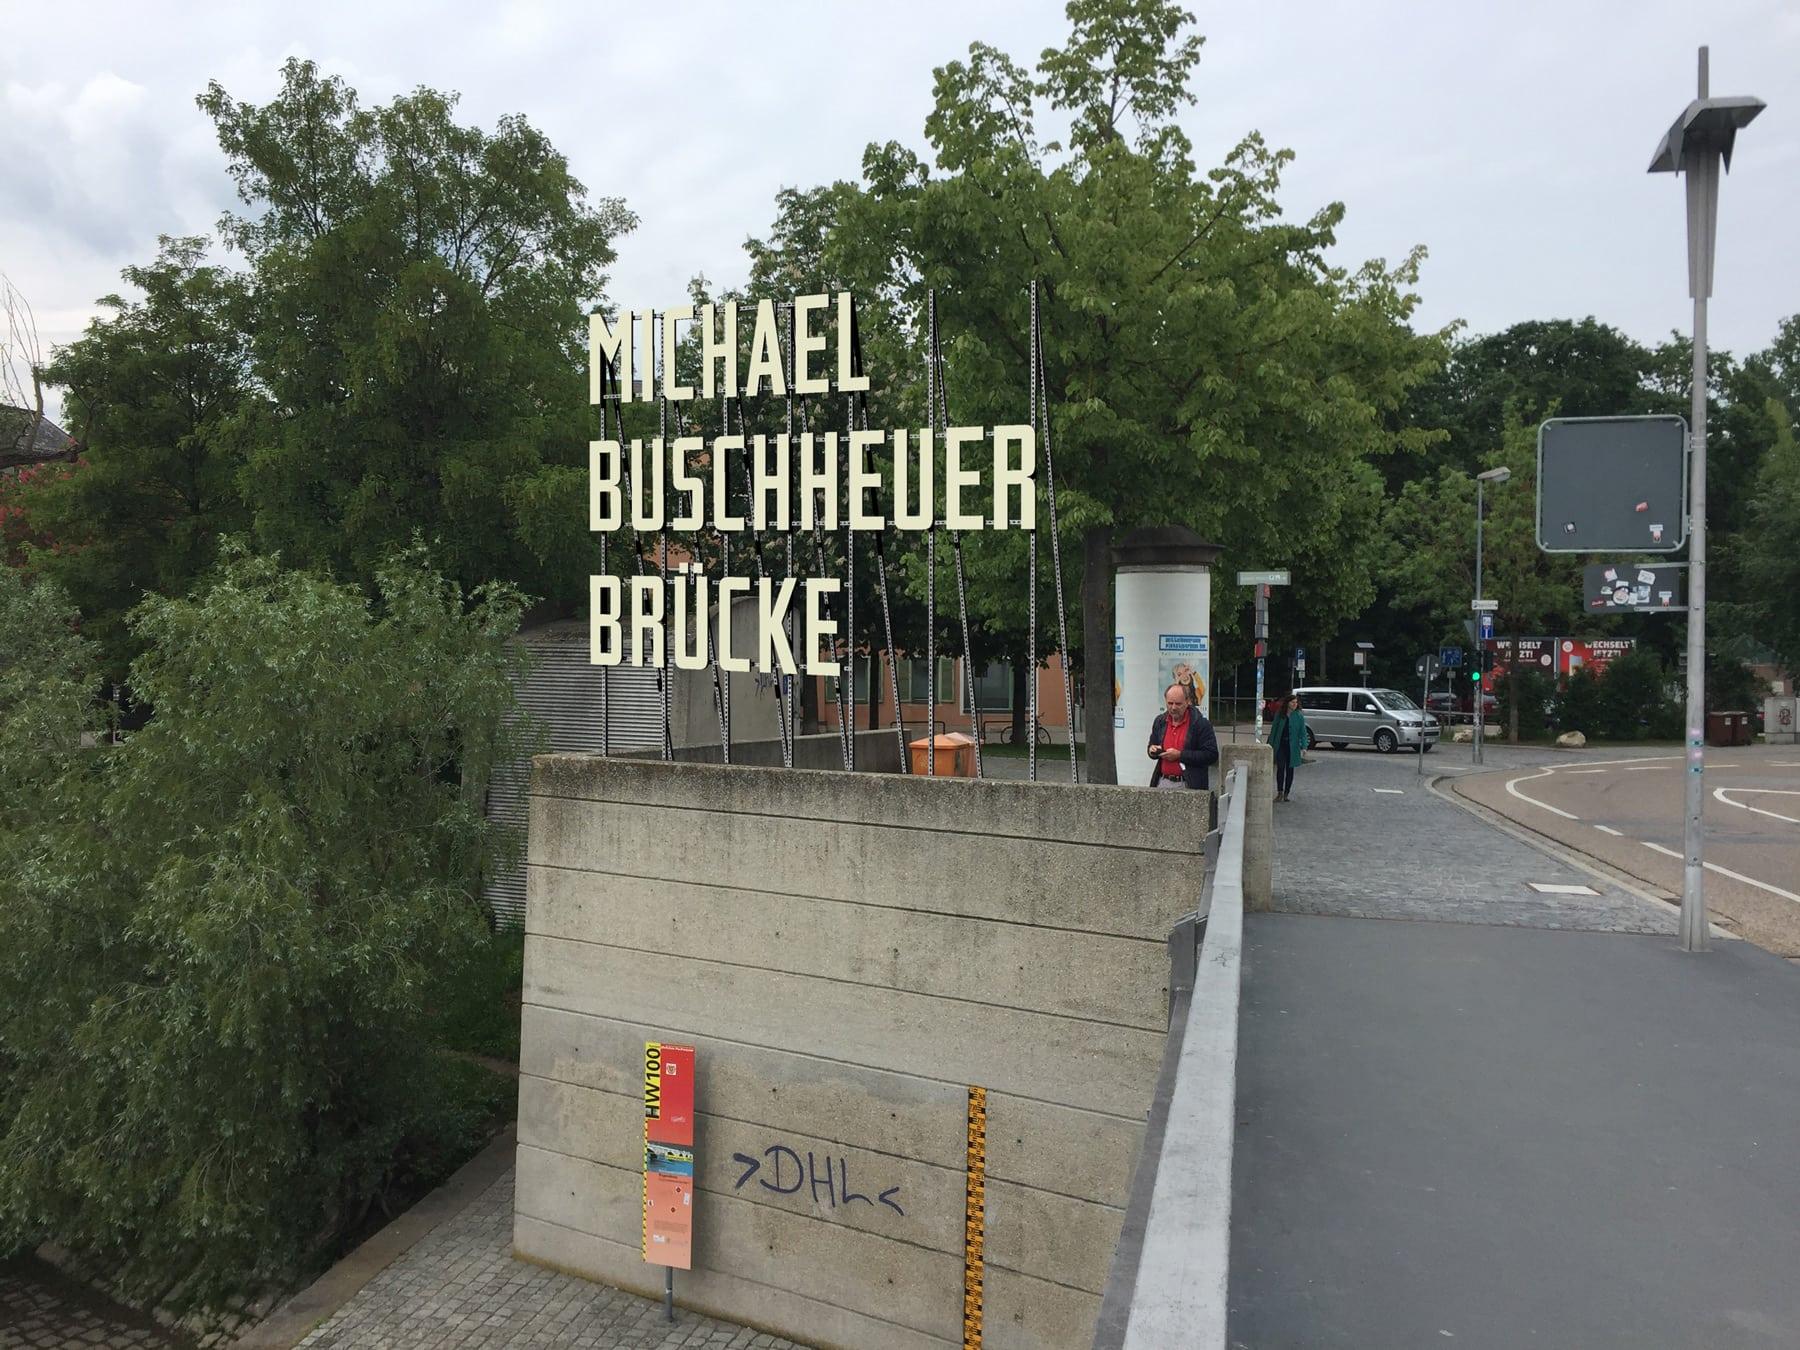 """Eiserne Brücke wird """"Michael-Buschheuer-Brücke"""" – aber nur temporär Symbolische Umbenennung zu Ehren des Sea-Eye-Gründers"""